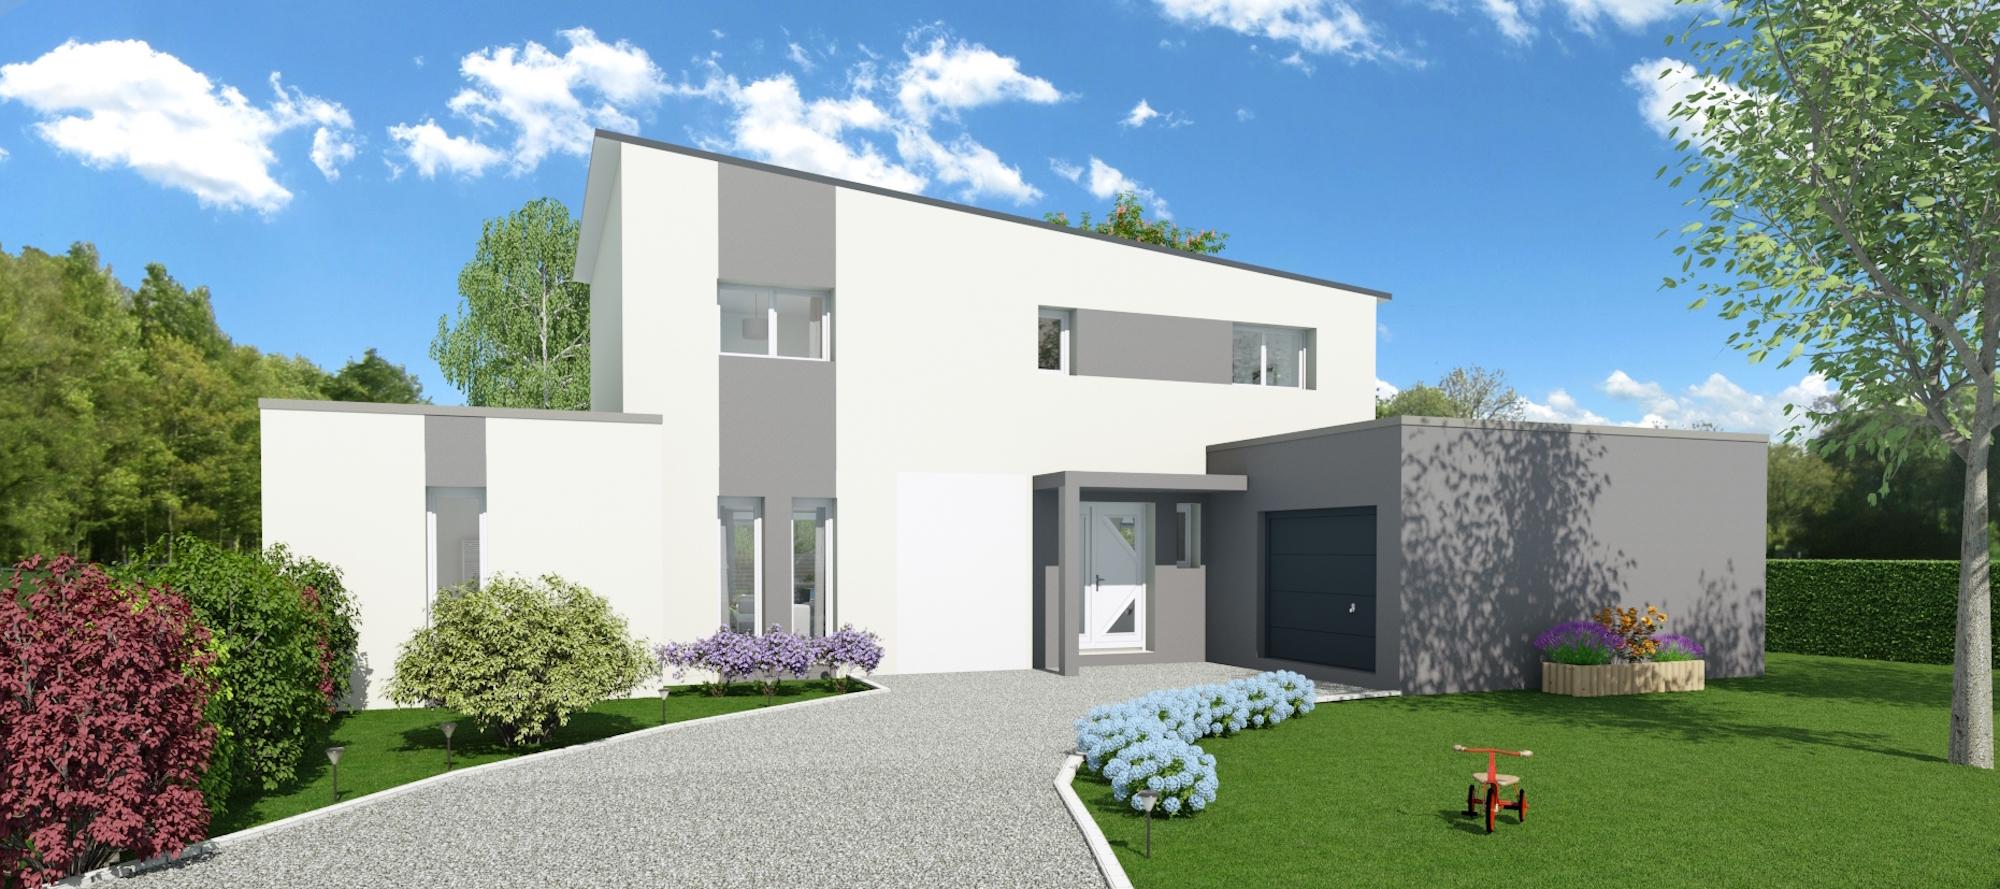 Plans de maisons à construire | Maison Laure